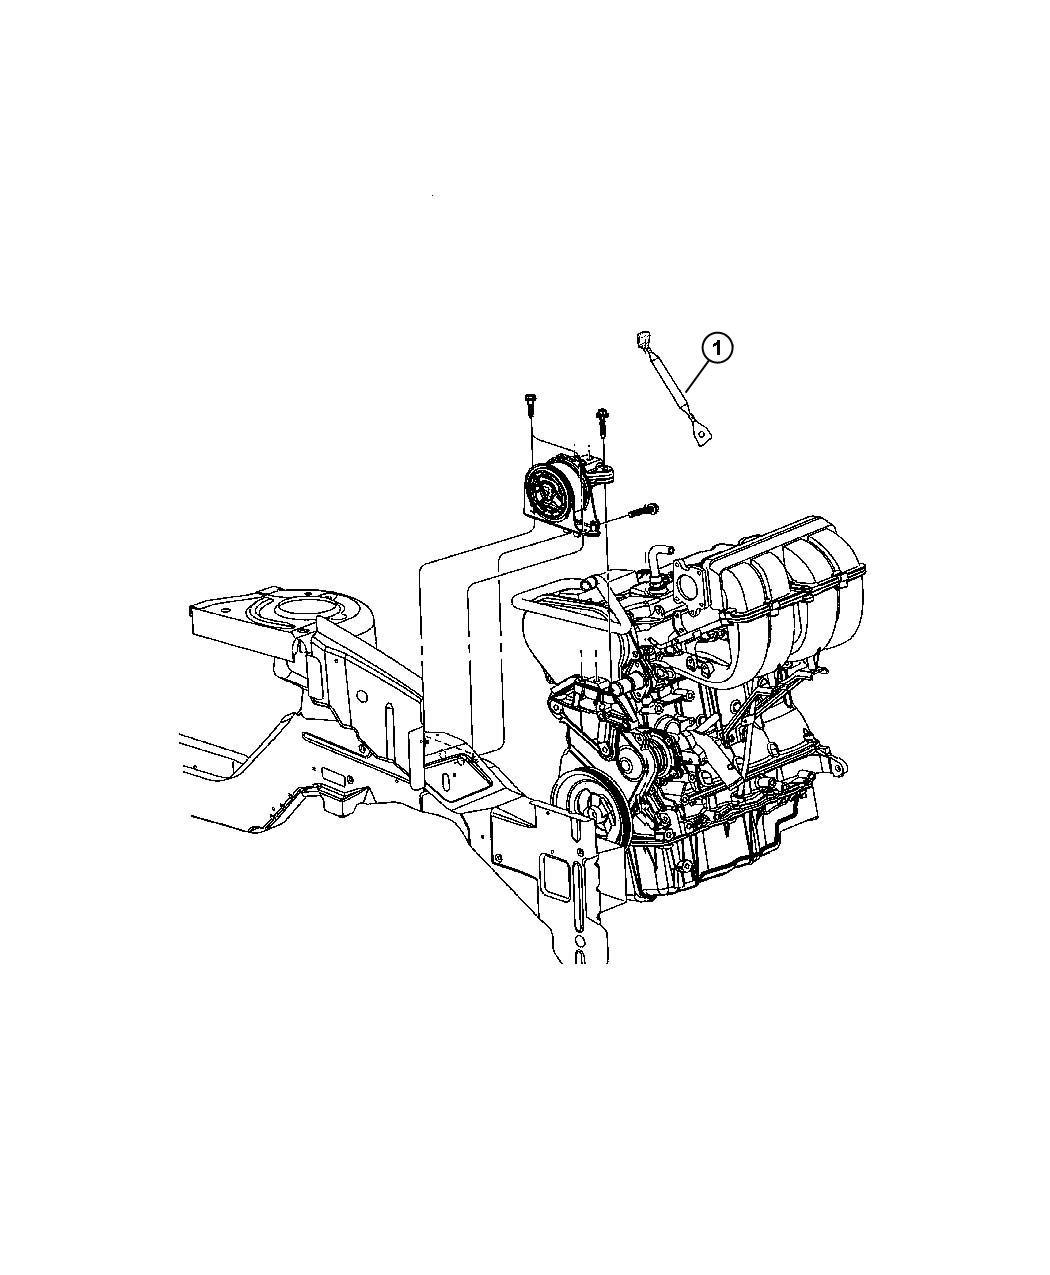 Dodge Grand Caravan Strap. Ground. Engine mount. Engine